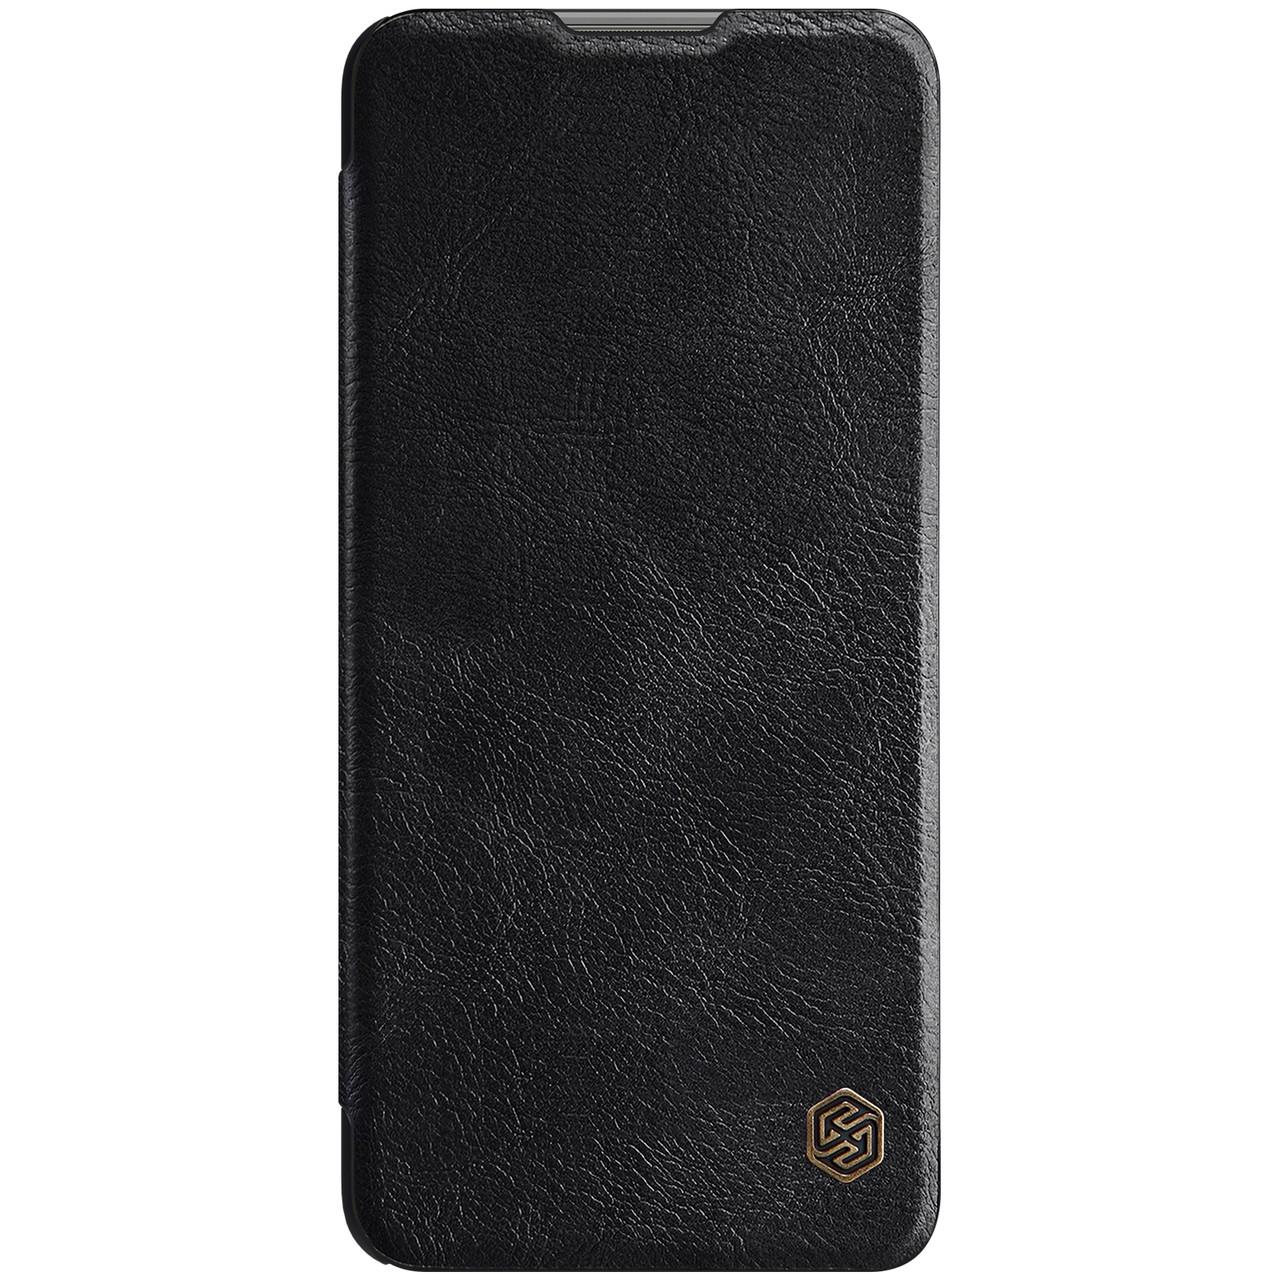 Захисний чохол-книжка Nillkin для Xiaomi Mi 11 Lite Qin leather case Black Чорний